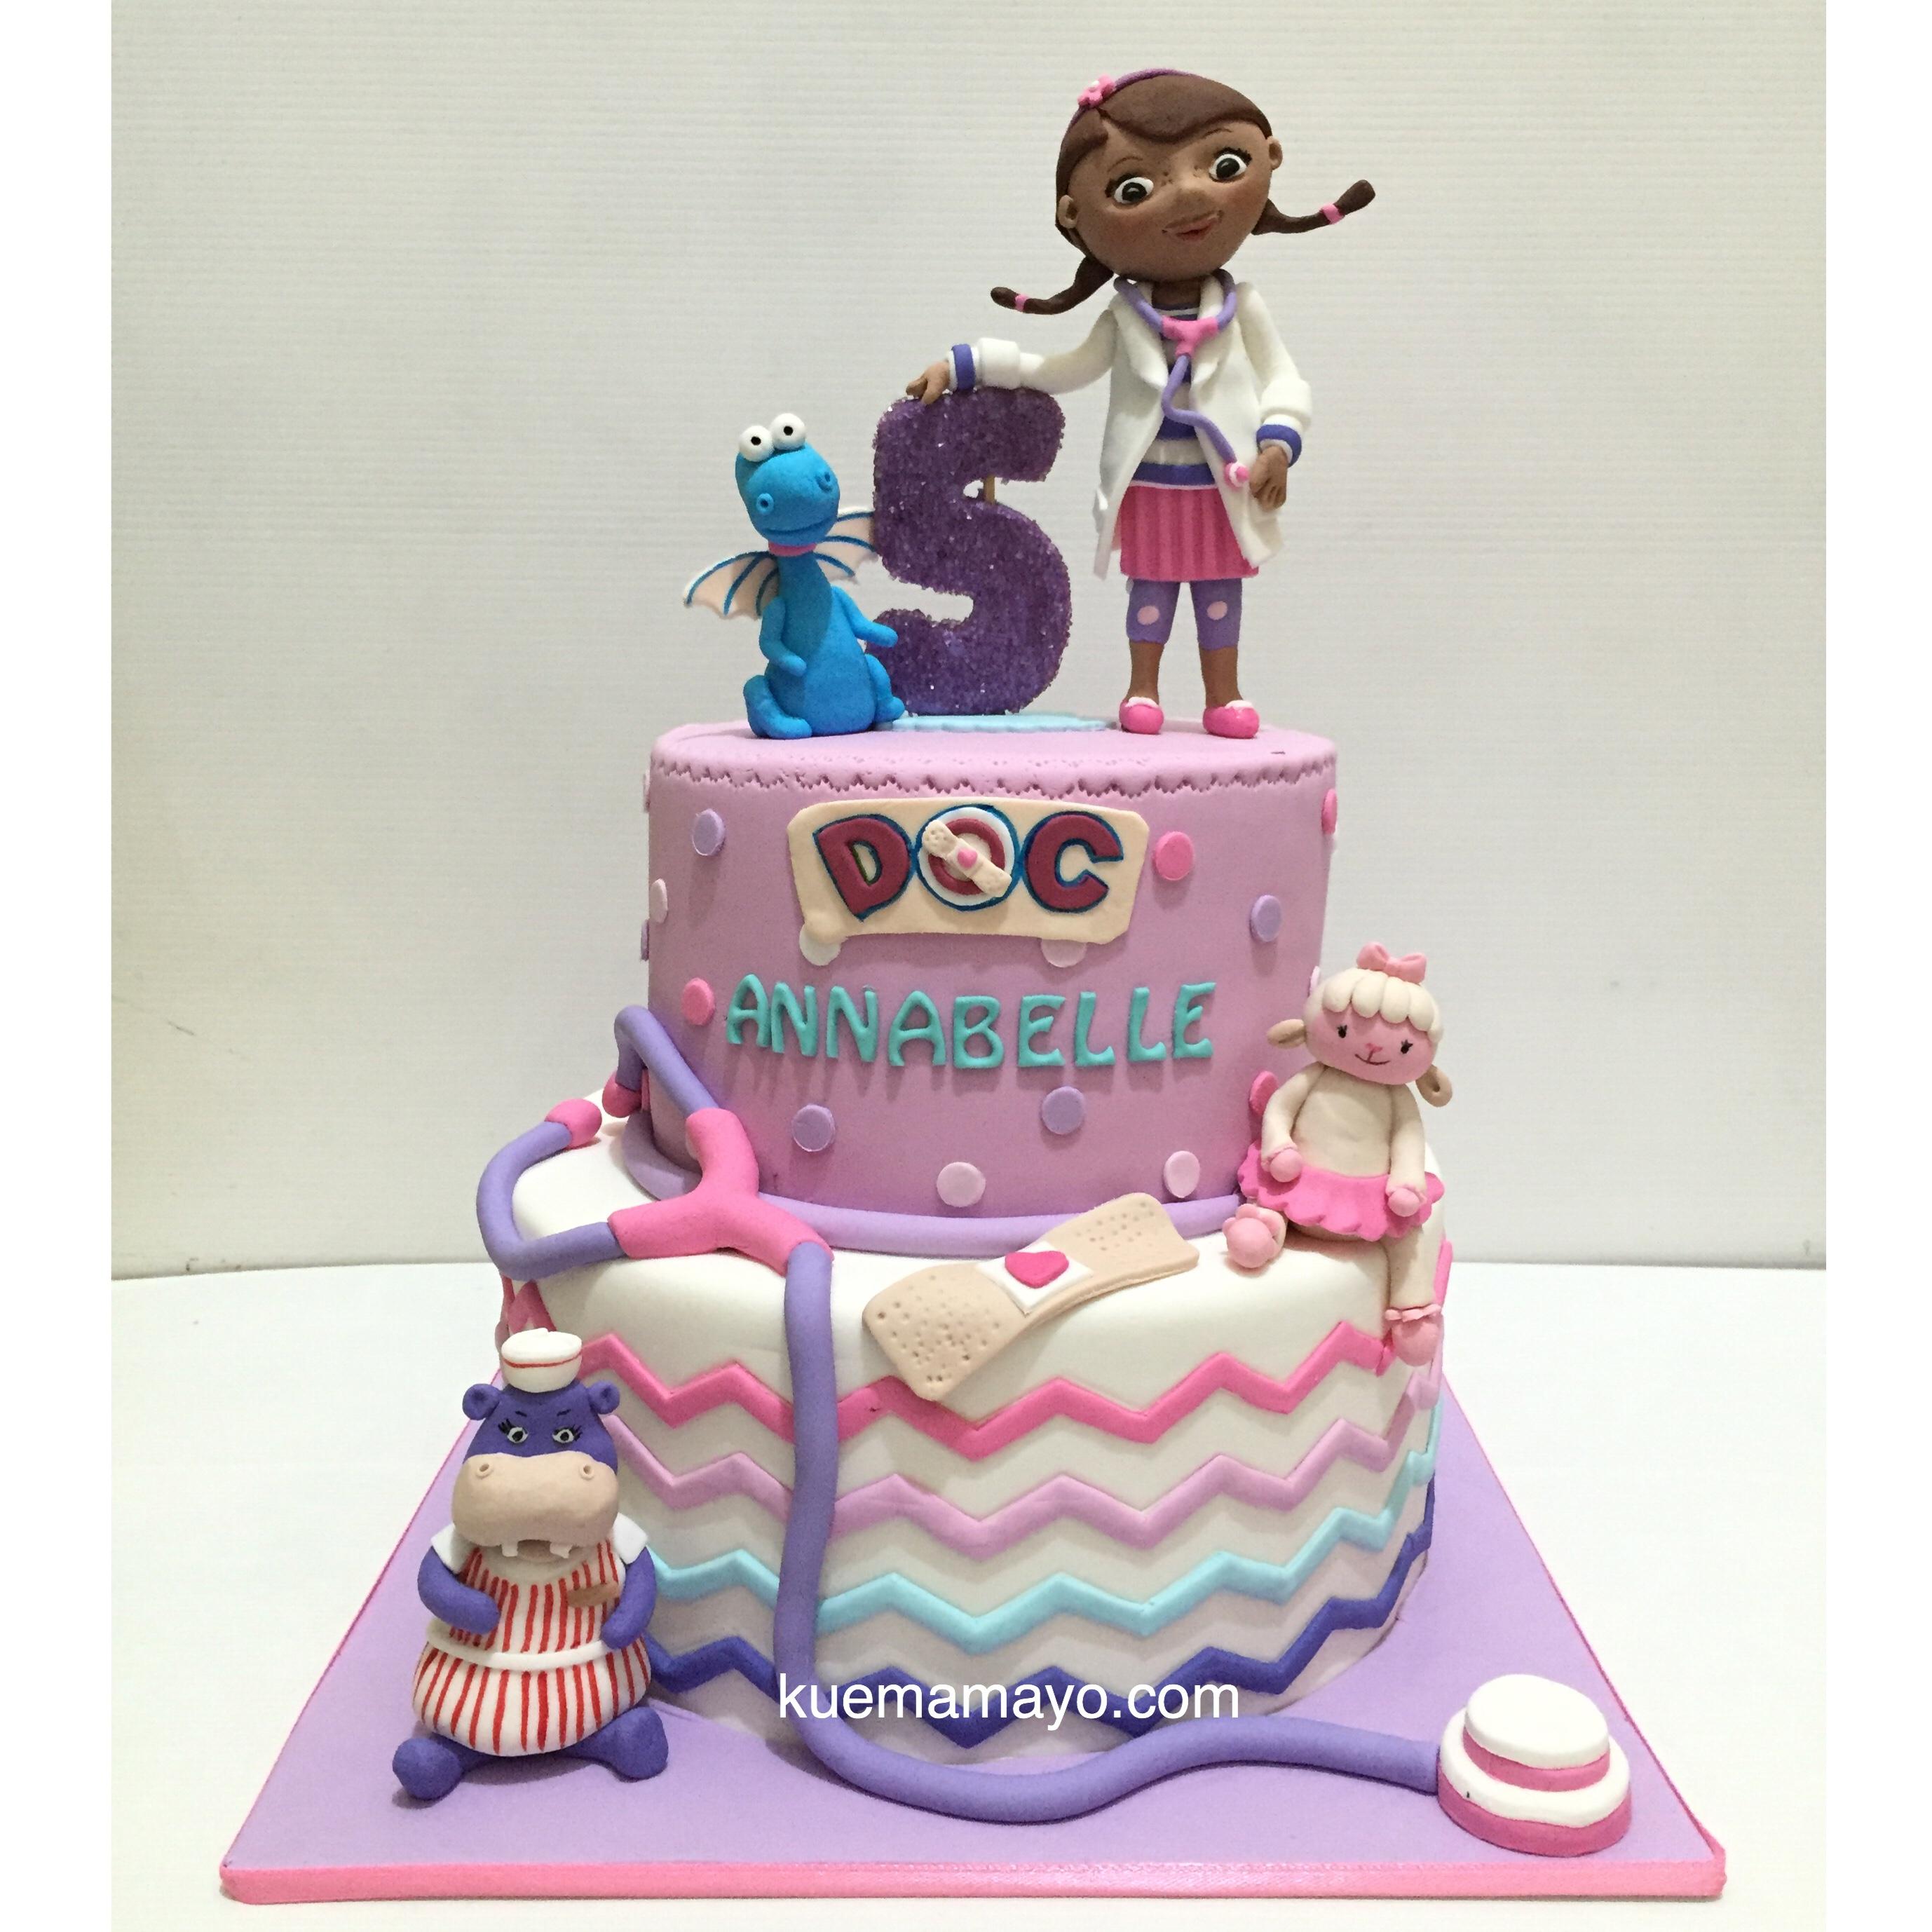 Anniversary Cake Kue Anniversary Kue 17 Tahun In 2019 Cake